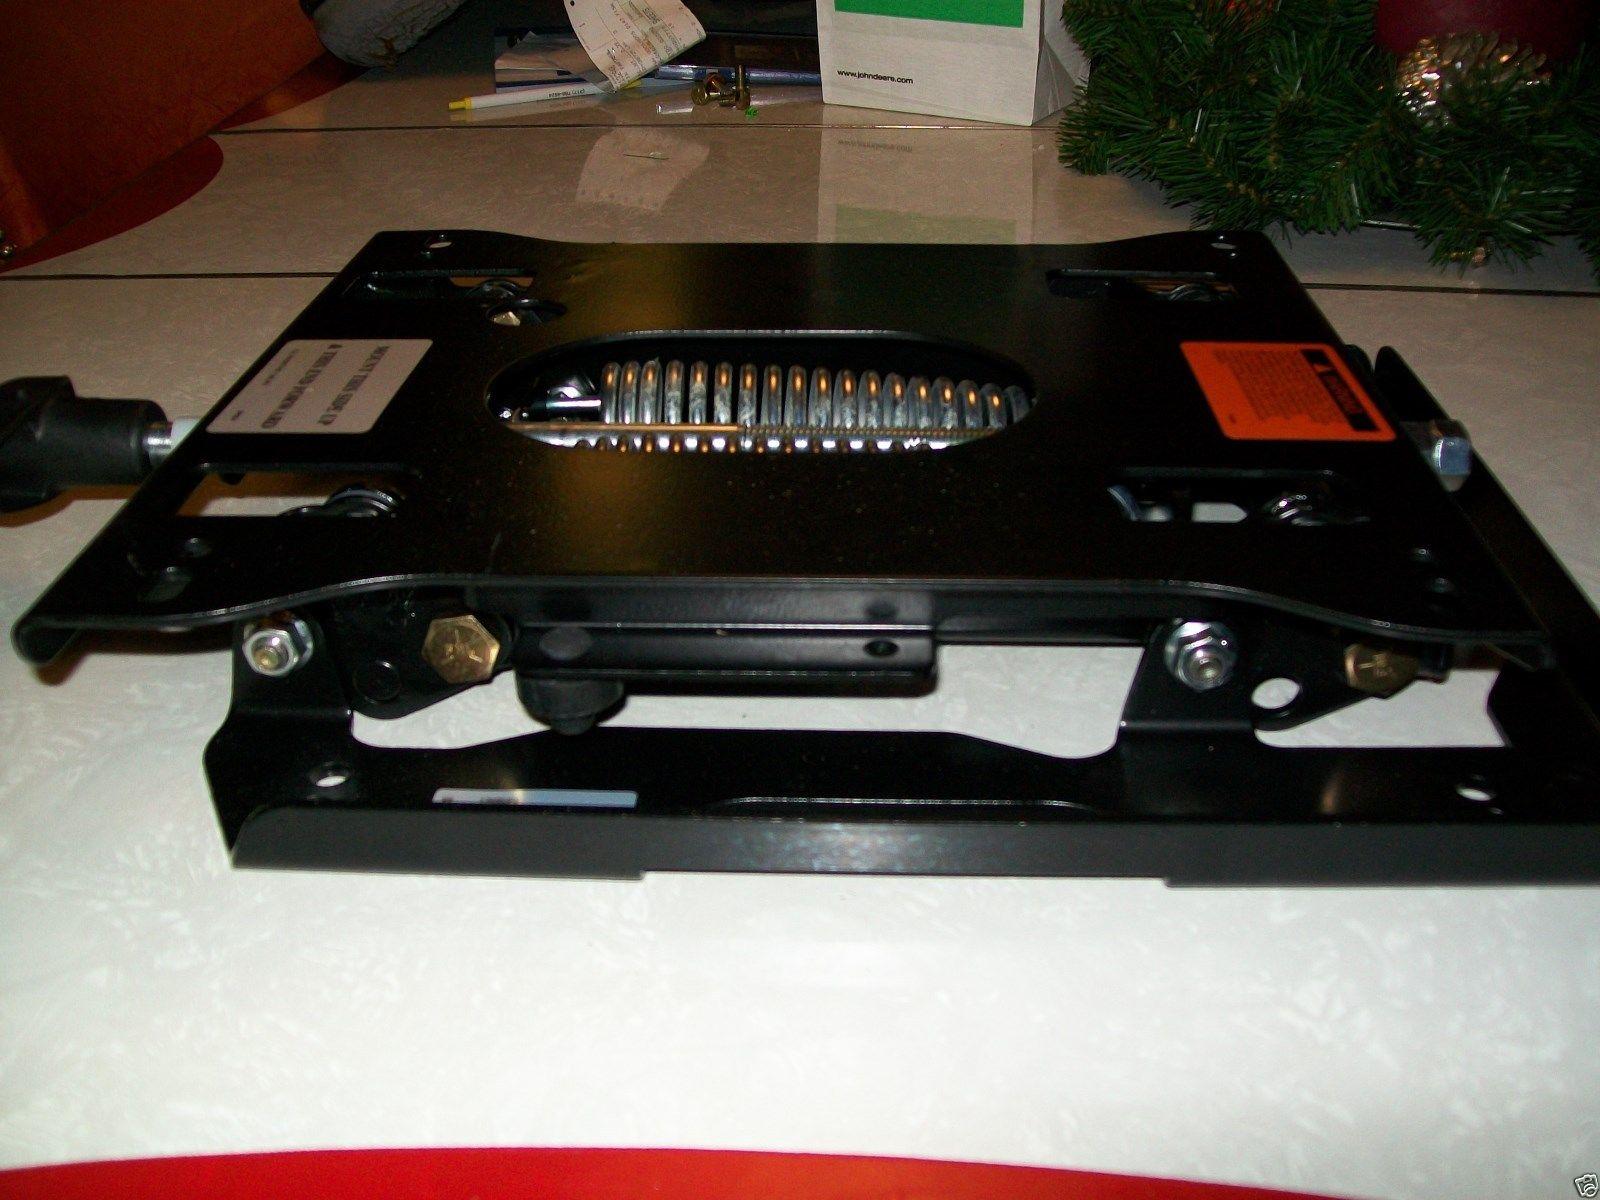 Seat Suspension Kit For Bad Boy Gravely Deere Toro